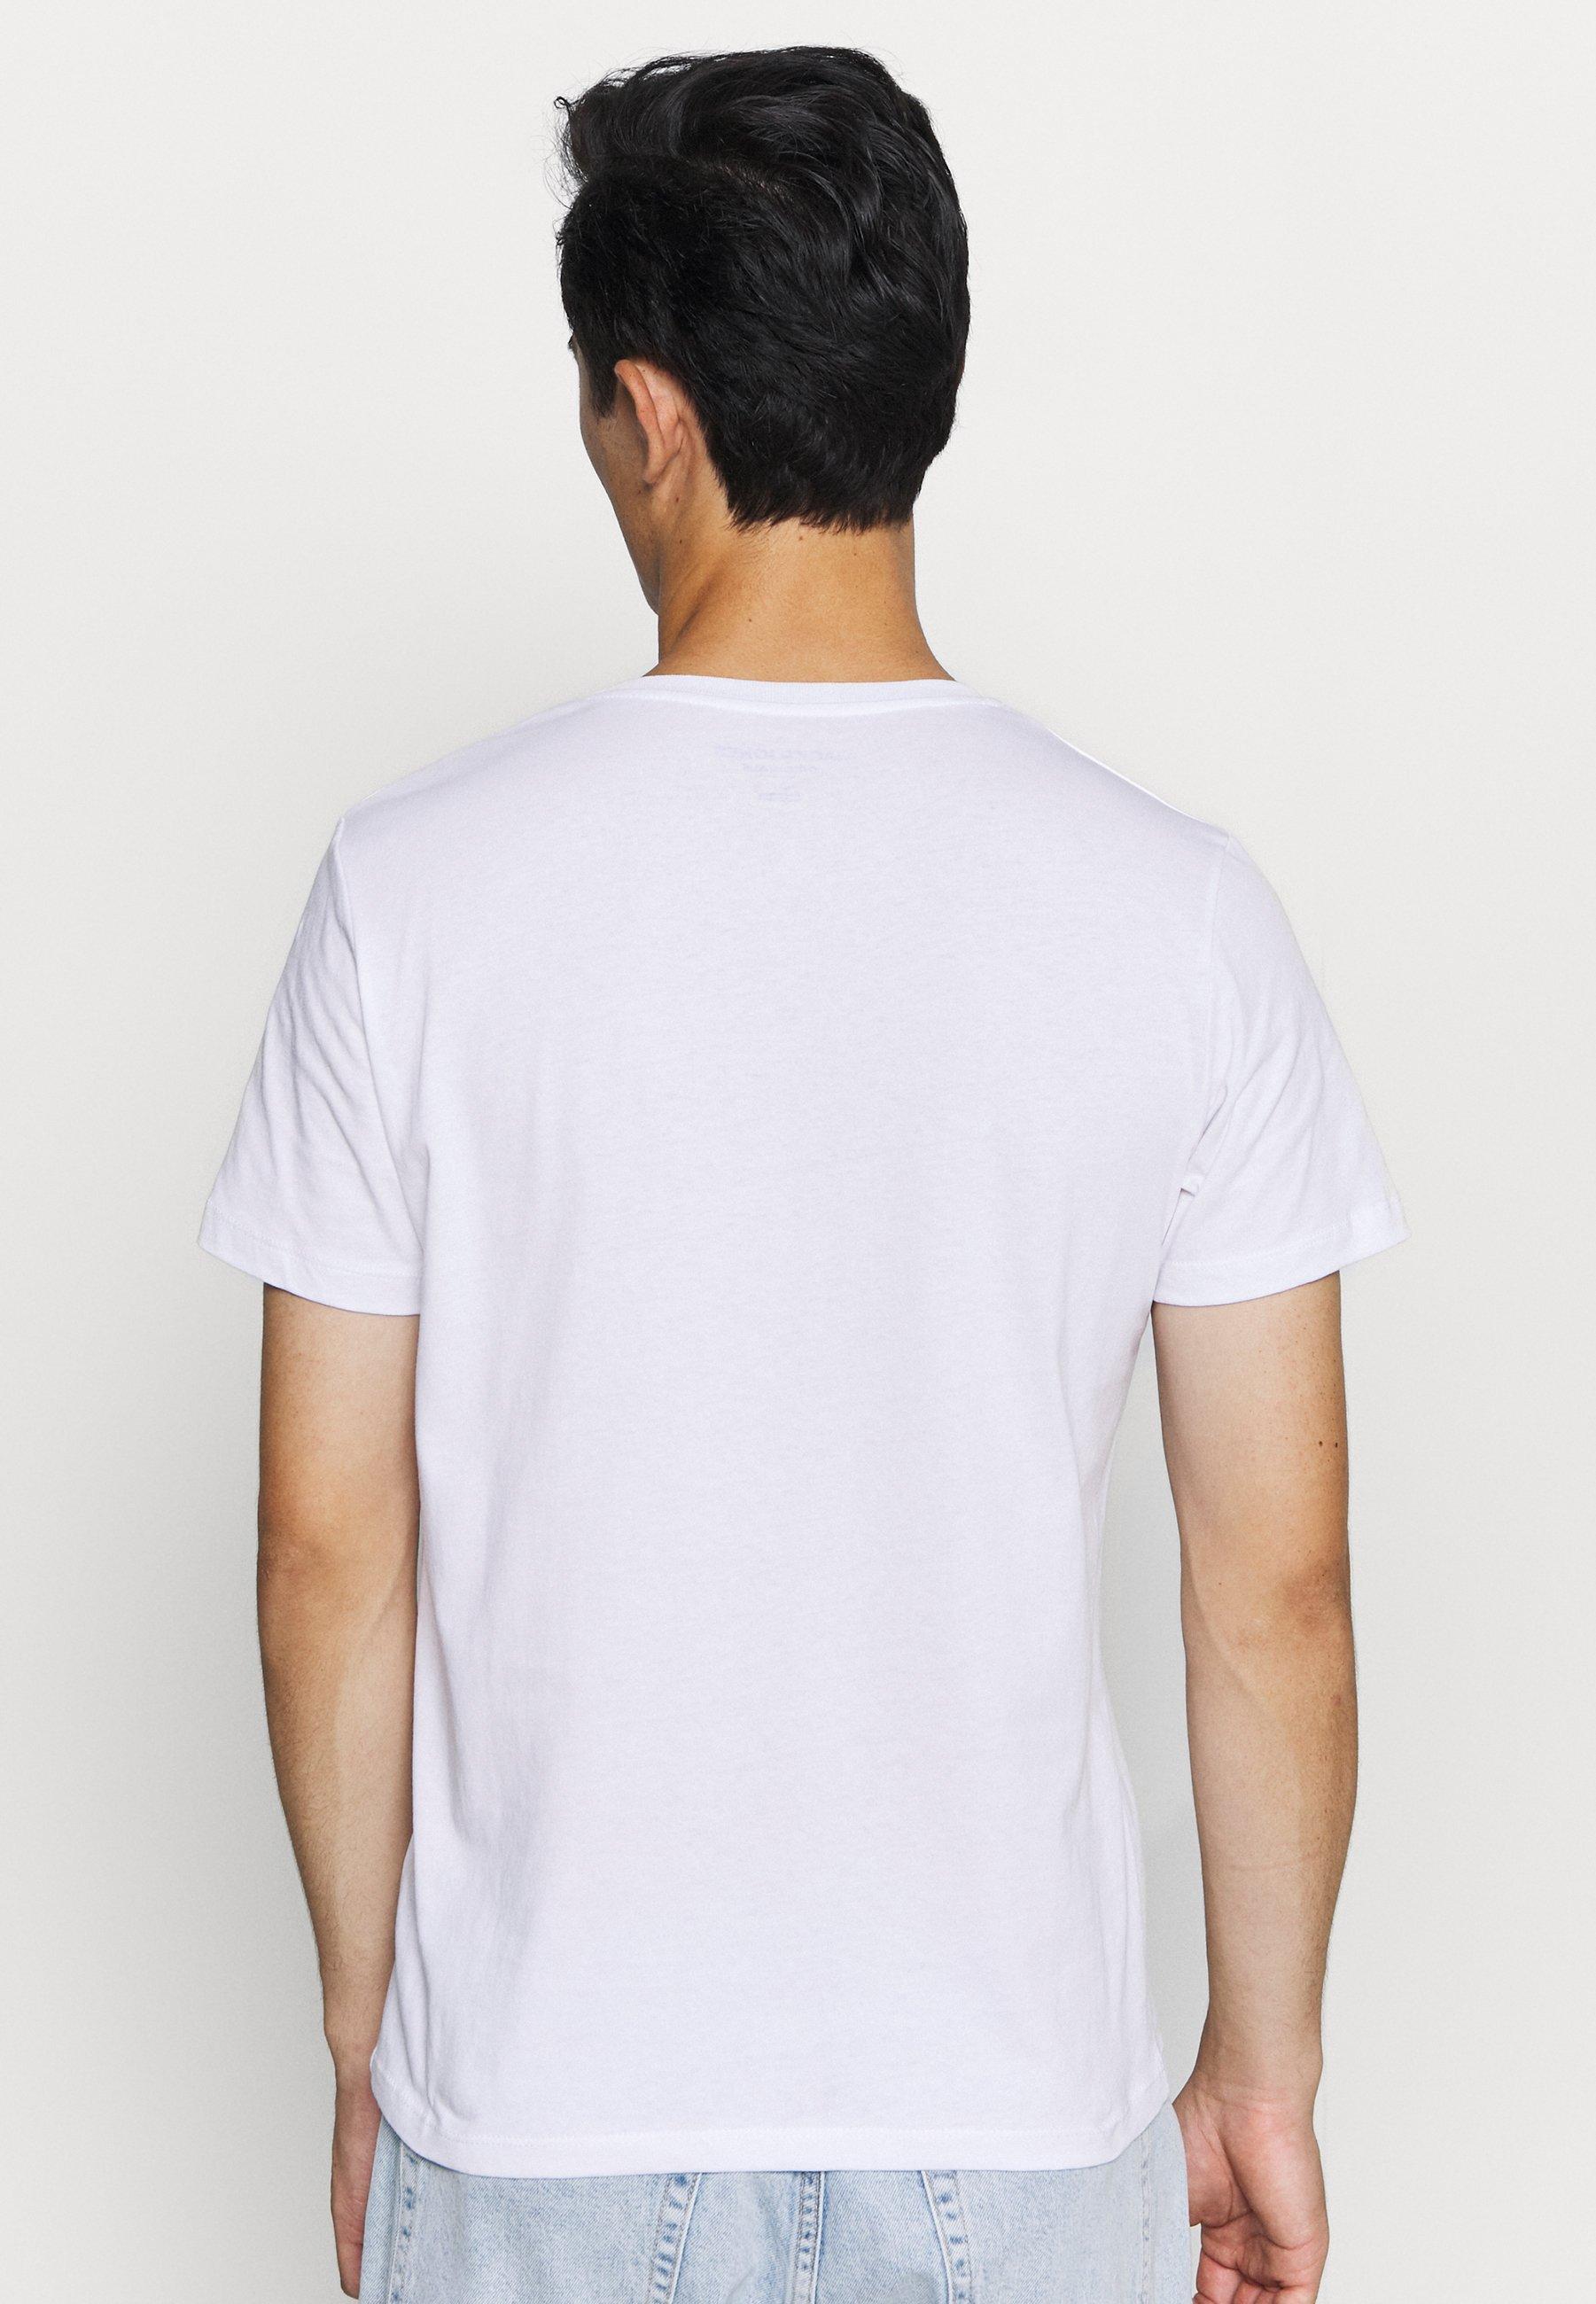 Jack & Jones JOREXPLORING TEE CREW NECK - Print T-shirt - white 7OHJe